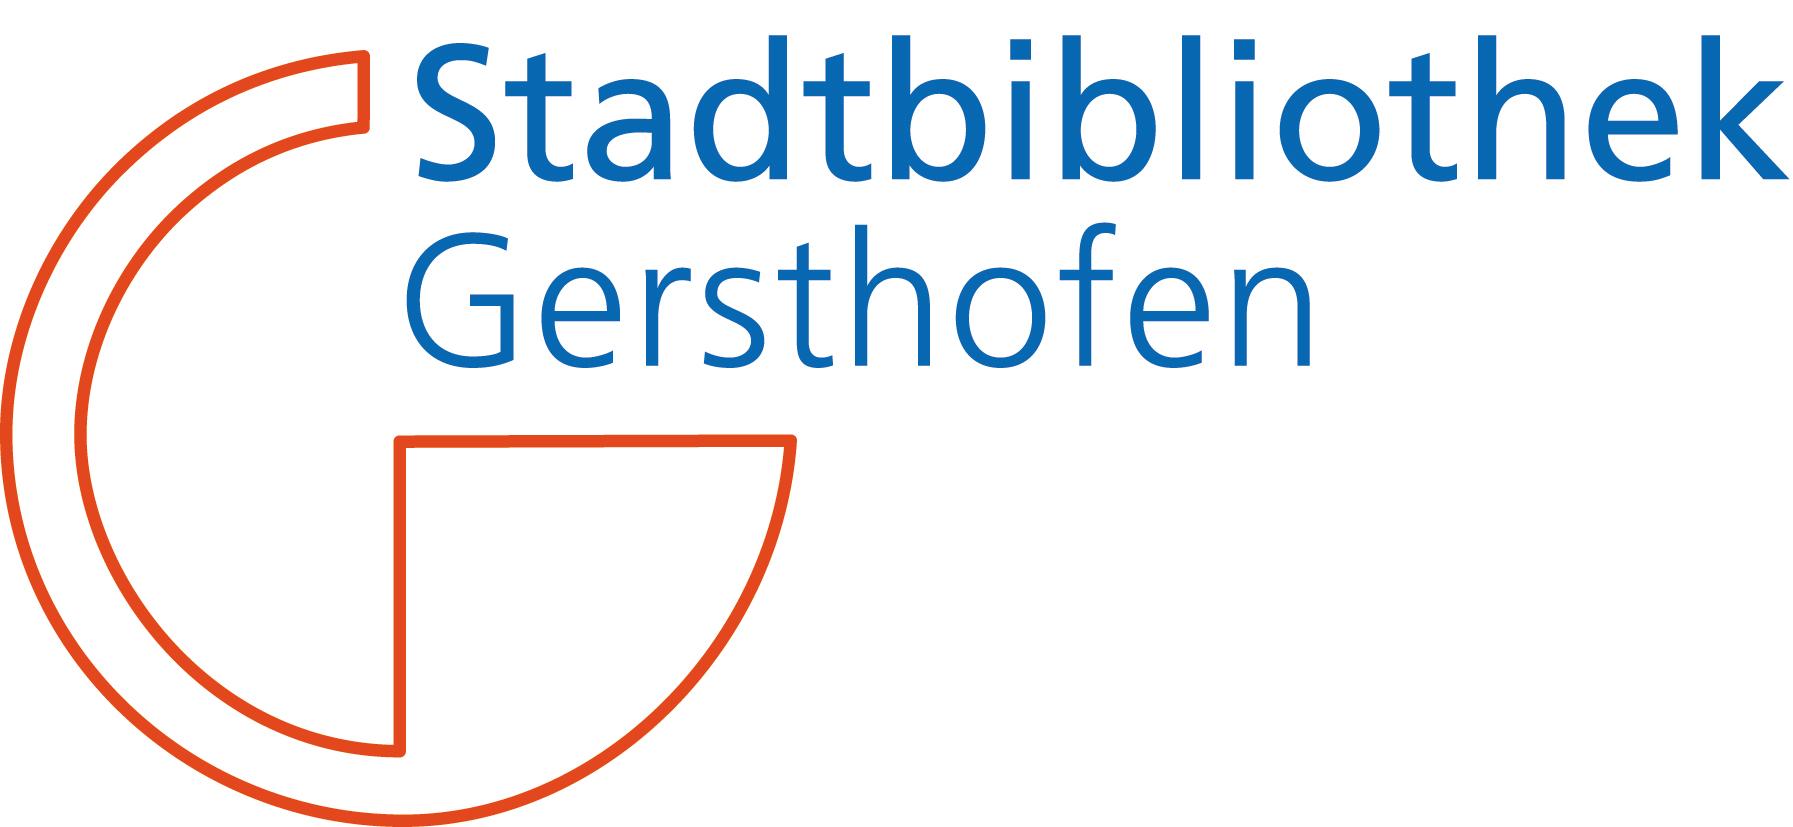 Stadtbibliothek Gersthofen